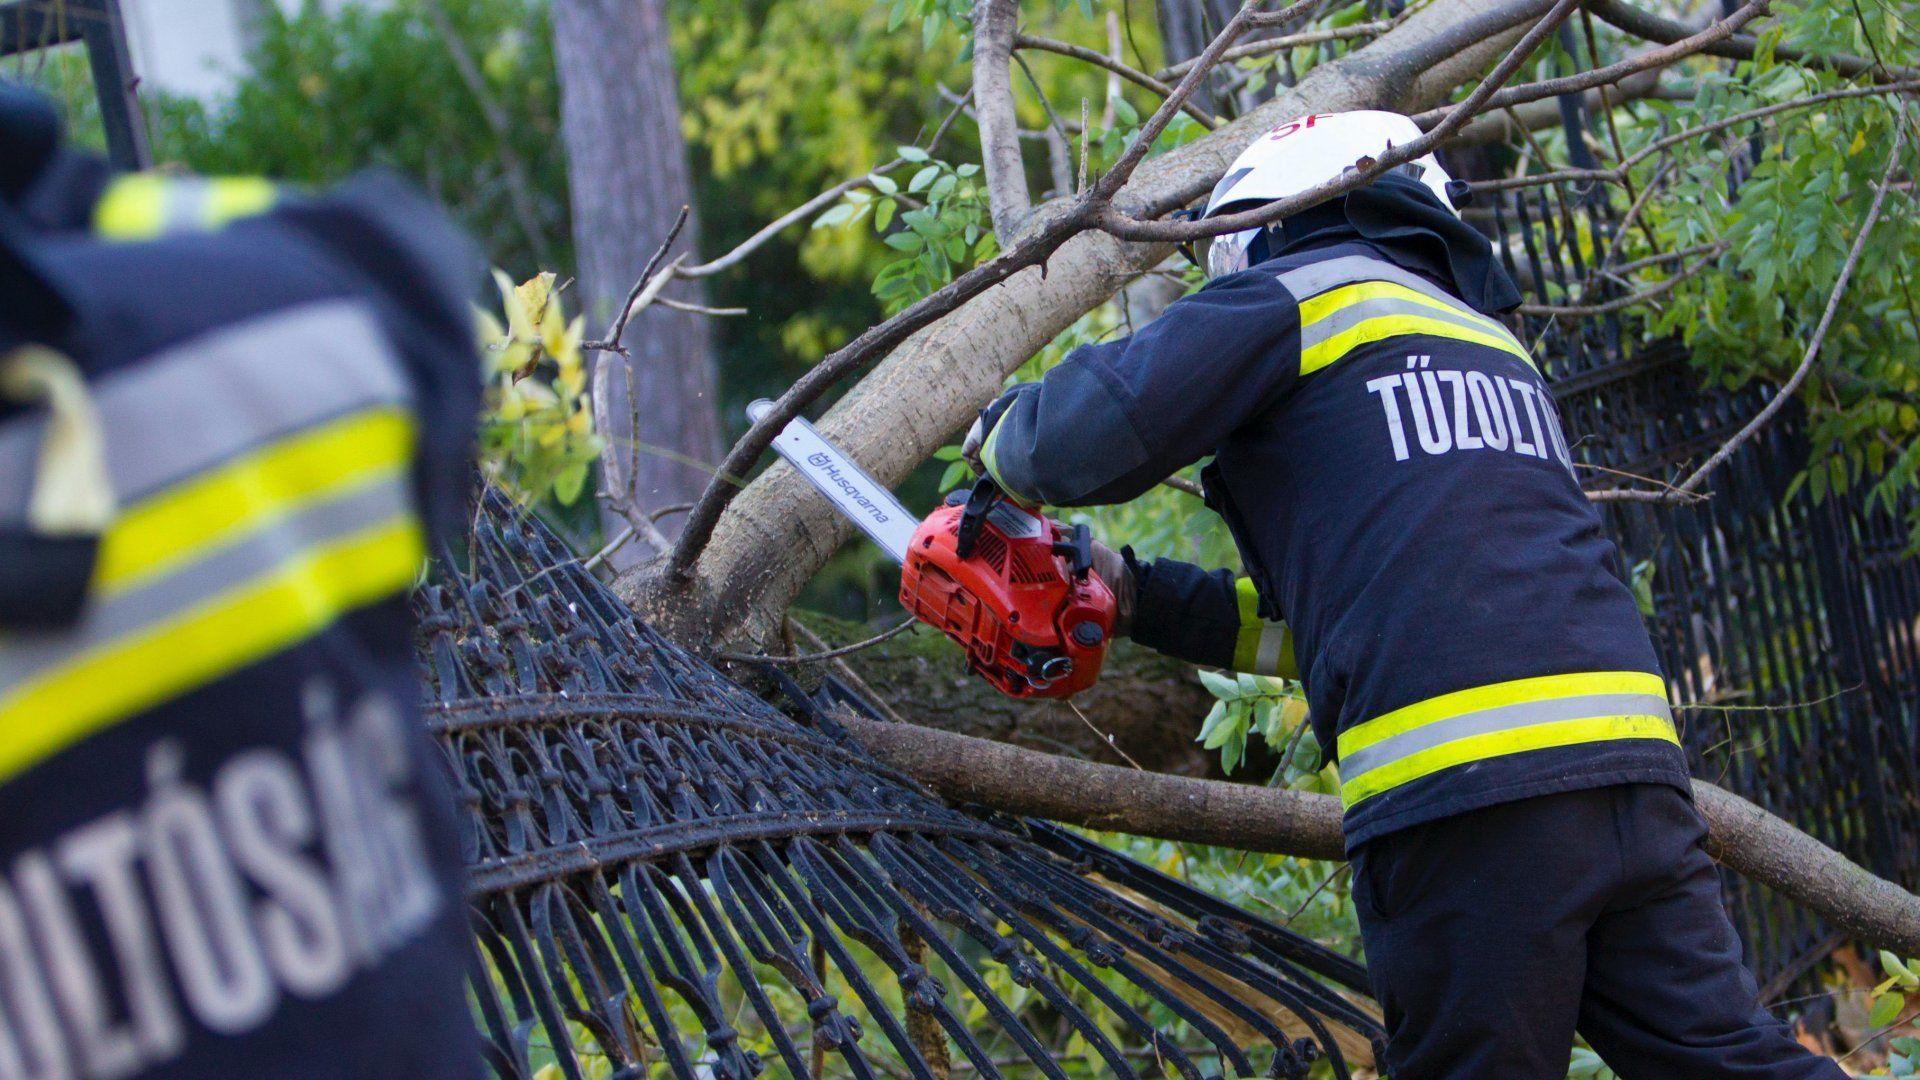 Viharban kidőlt fát távolítanak el a tűzoltók